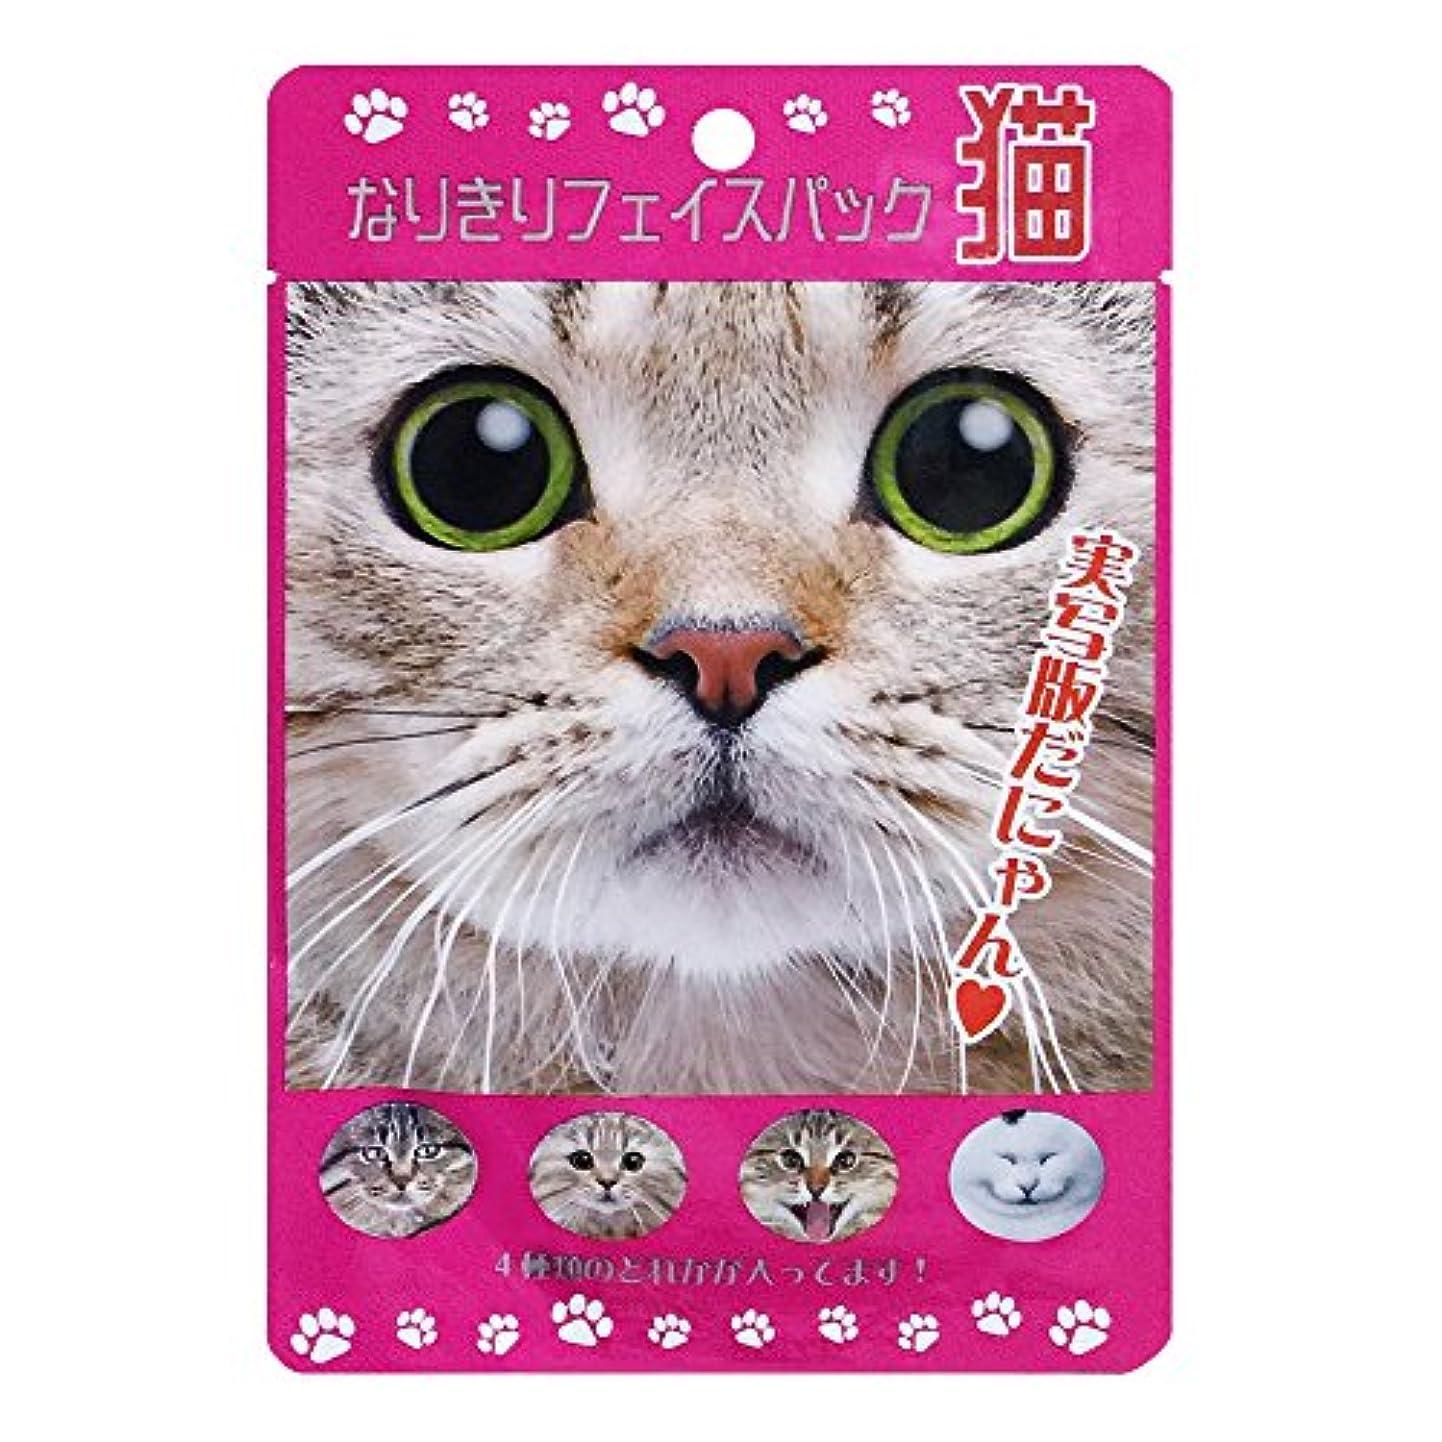 なりきりフェイスパック 猫 (1シート(20mL))